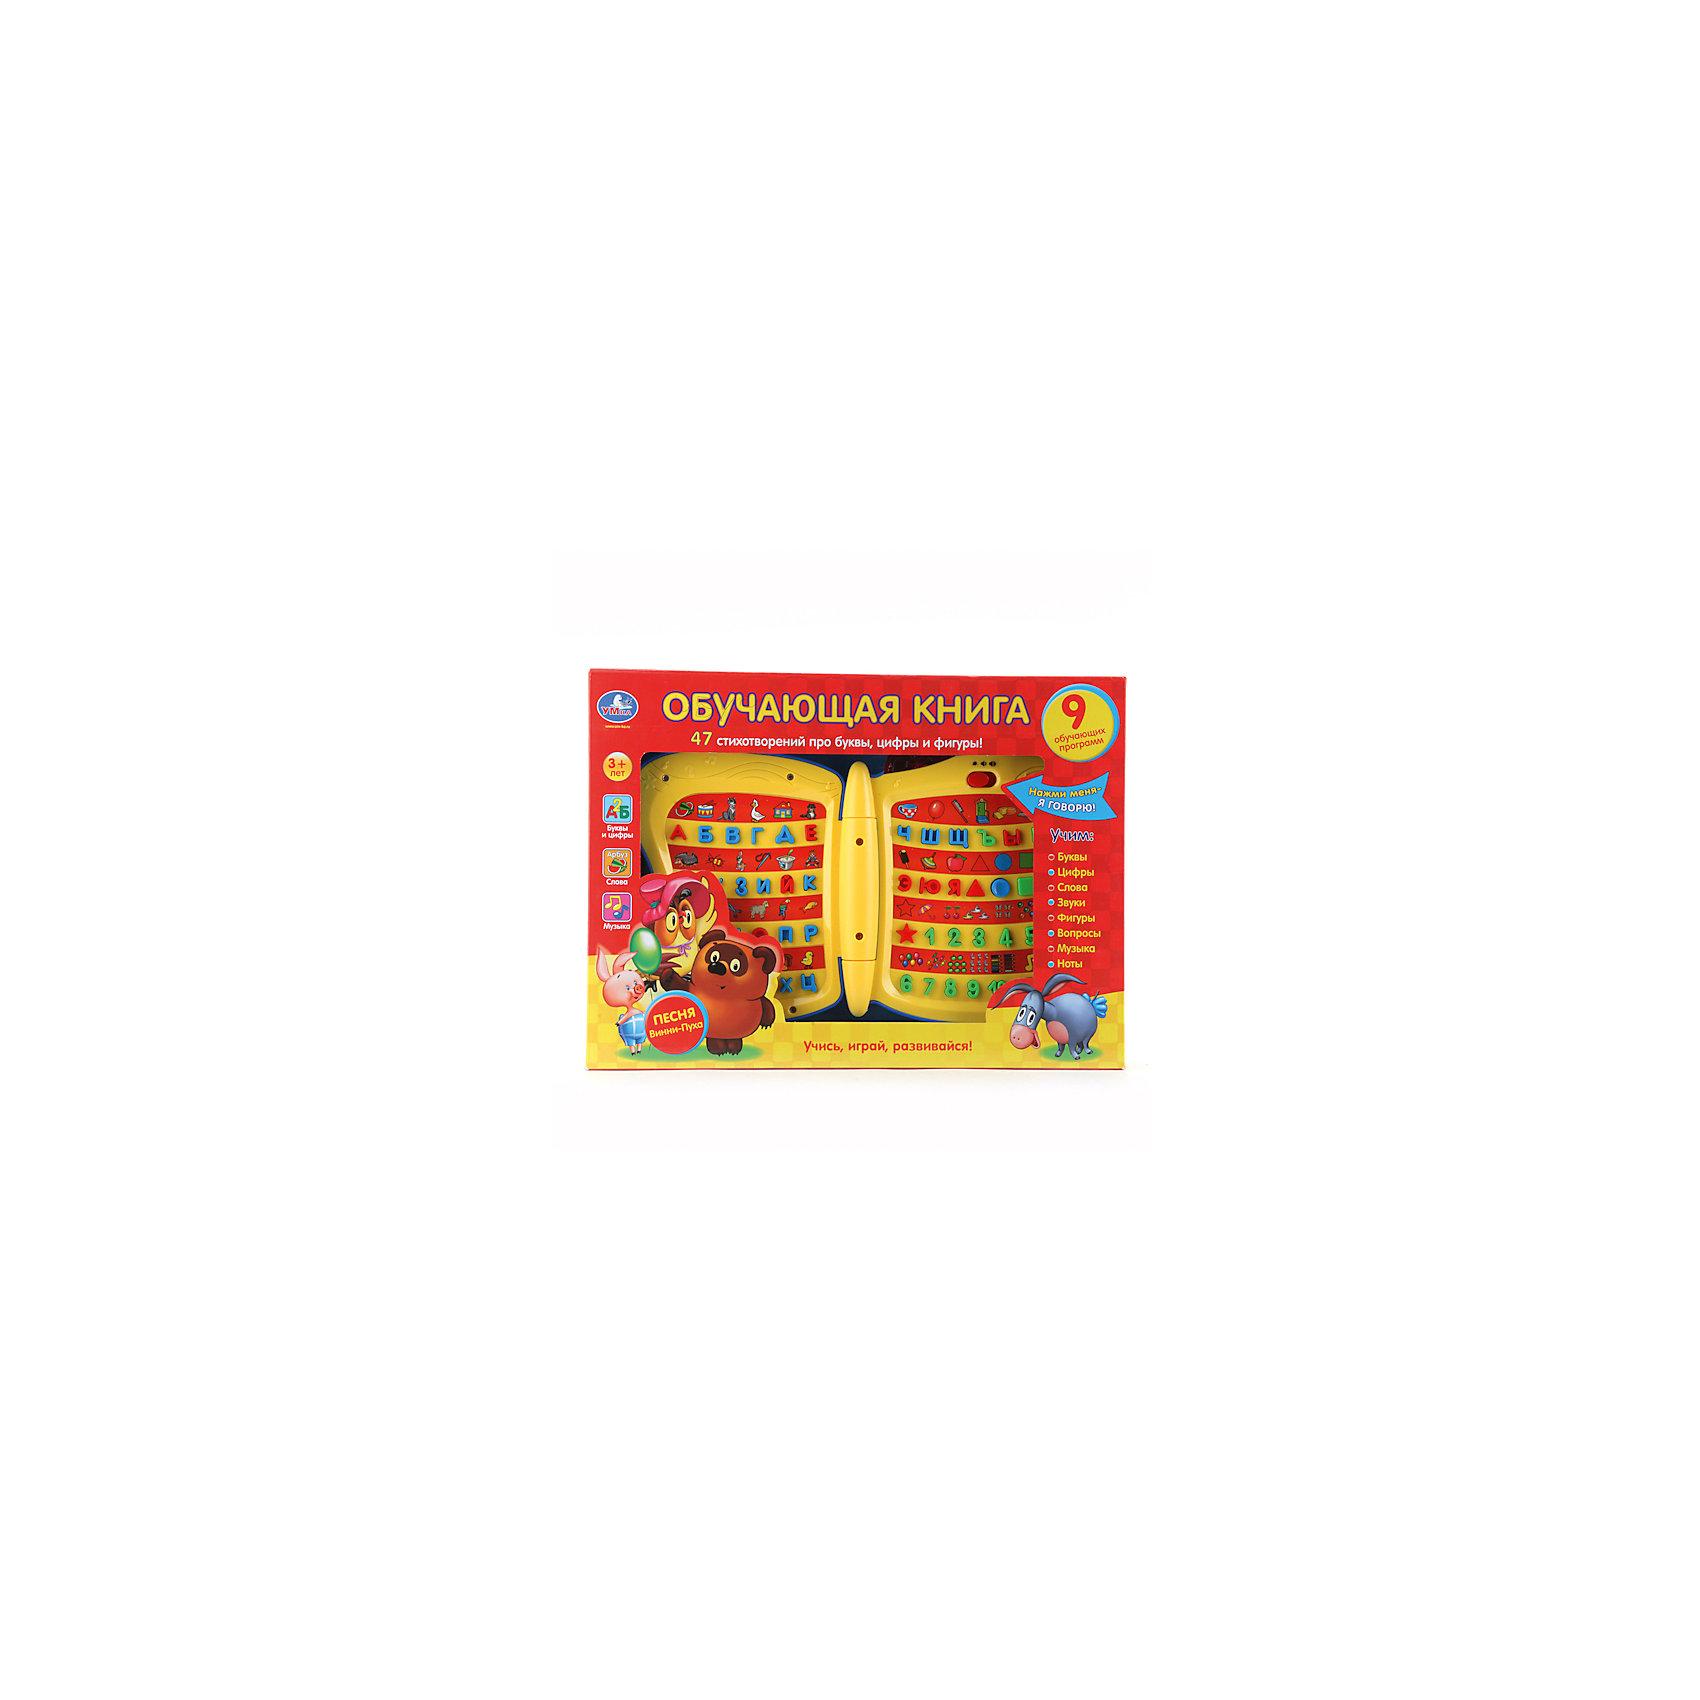 Обучающая книга Винни-Пуха, со светом и звуком, 9 программ, УмкаИдеи подарков<br>Обучающая книга Винни-Пуха, со светом и звуком - кладезь знаний и увлекательное пособие для малышей. Книжка яркая и озвучена профессиональными актерами! В режиме «обучение», ребёнок услышит названия цифр, фигур и букв. В режиме «экзамен», малыш закрепит полученные знания. В режиме «стихи», ребёнок услышит стихотворения, которые помогут лучше усвоить знания. А песенка из любимого мультфильма про Винни Пуха поможет развлечься! Игрушка способствует развитию речи, внимания, памяти, визуального и слухового восприятия.  Играй, учись, развивайся!<br><br>Дополнительная информация:<br><br>- 9 обучающих программ;<br>- 47 стихотворений про буквы, цифры, фигуры;<br>- В игровой форме поможет выучить: буквы, цифры, слова, звуки, фигуры, вопросы, ноты;<br>- Яркий дизайн;<br>- Понравится поклонникам мультфильма про Винни Пуха;<br>- Световые кнопки;<br>- Озвучена профессиональными актерами;<br>- Батарейки 3 х АА входят в комплект;<br>- Размер игрушки: 30 х 17,5 х 2 см;<br>- Вес: 740 г <br>Внимание! Цвет данного товара представлен в ассортименте и возможно получение товара в розовом, красном, синем цвете. При заказе нескольких единиц товара, возможно получение одинаковых.<br><br>Обучающую книгу Винни-Пуха, со светом и звуком, 9 программ, Умка можно купить в нашем интернет-магазине.<br><br>Ширина мм: 340<br>Глубина мм: 60<br>Высота мм: 250<br>Вес г: 740<br>Возраст от месяцев: 12<br>Возраст до месяцев: 60<br>Пол: Унисекс<br>Возраст: Детский<br>SKU: 3939478